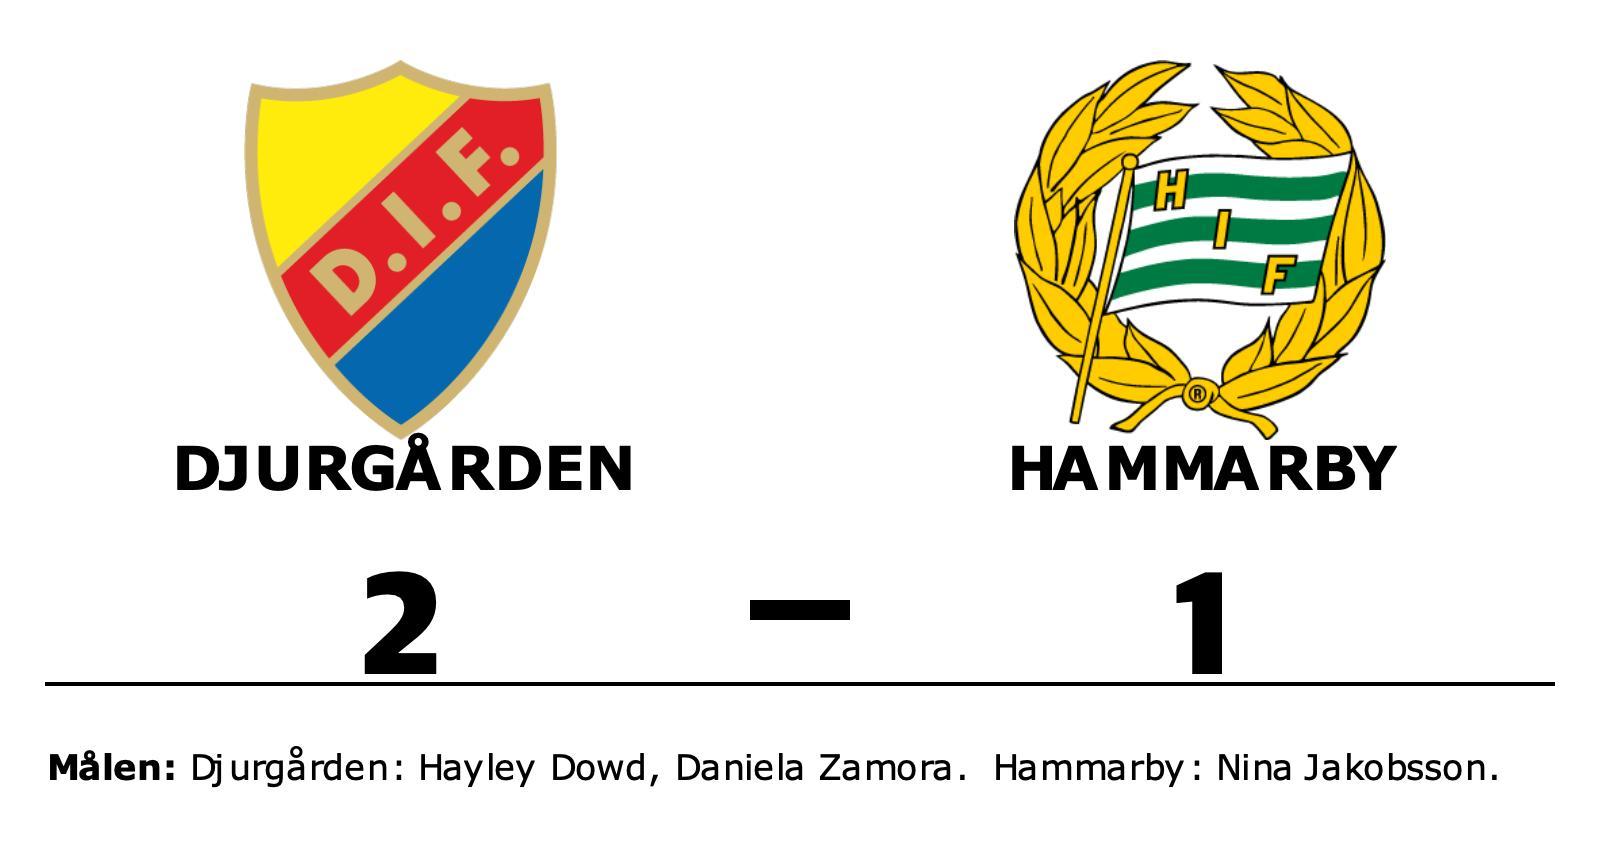 Hayley Dowd och Daniela Zamora heta när Djurgården slog Hammarby